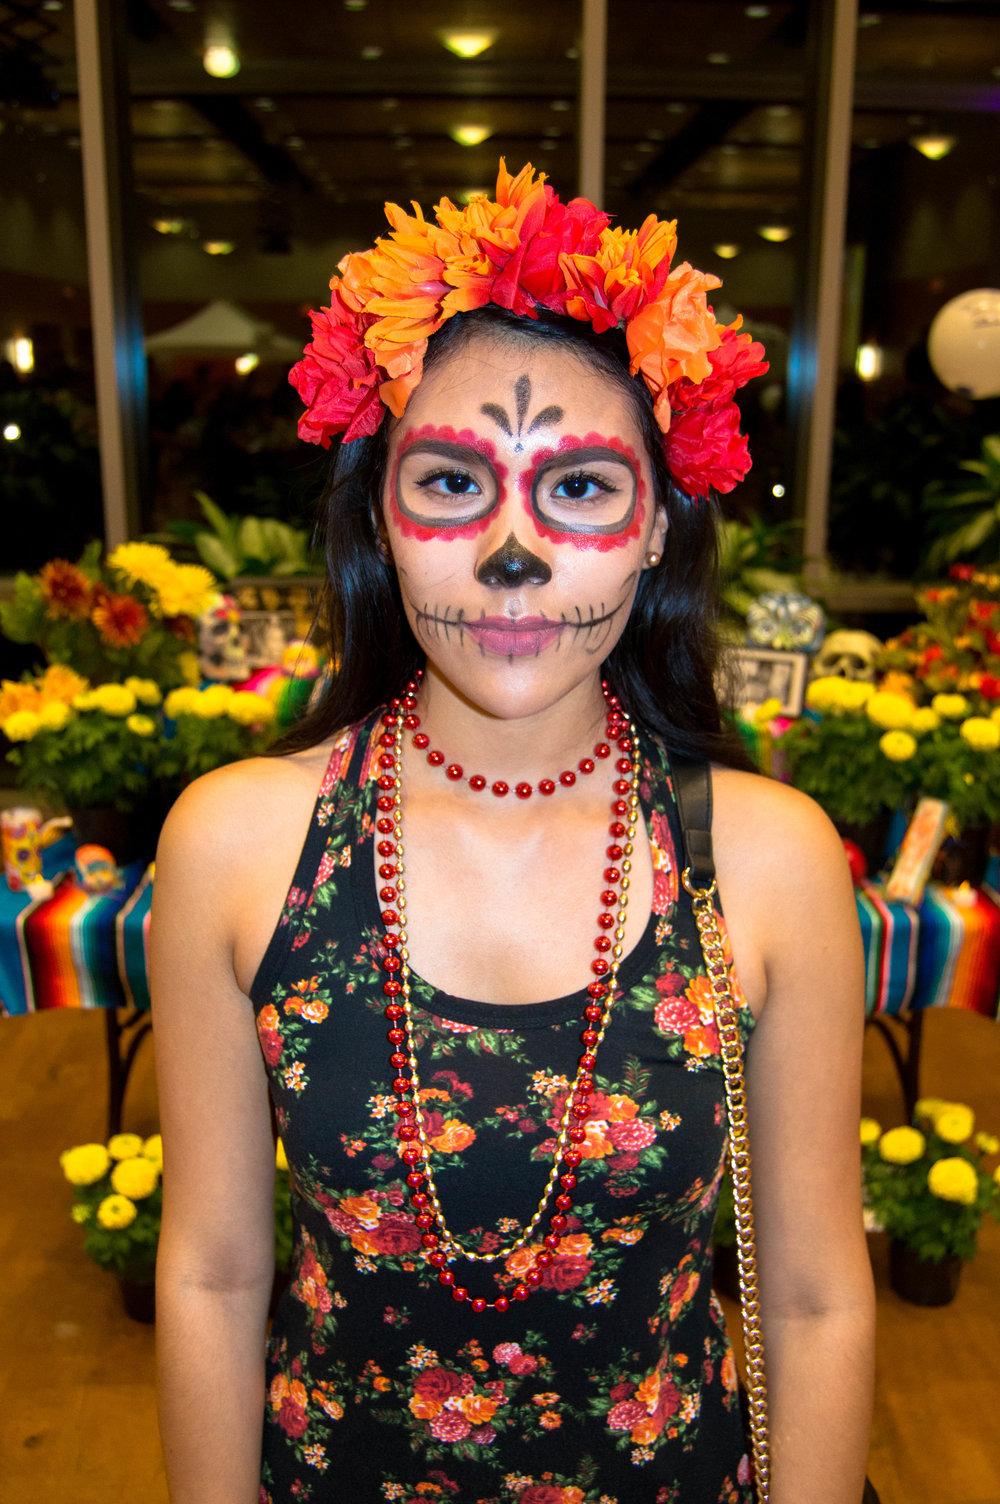 Jacqueline Morales member of MACC says Día de los Muertos encompasses unity and happiness.